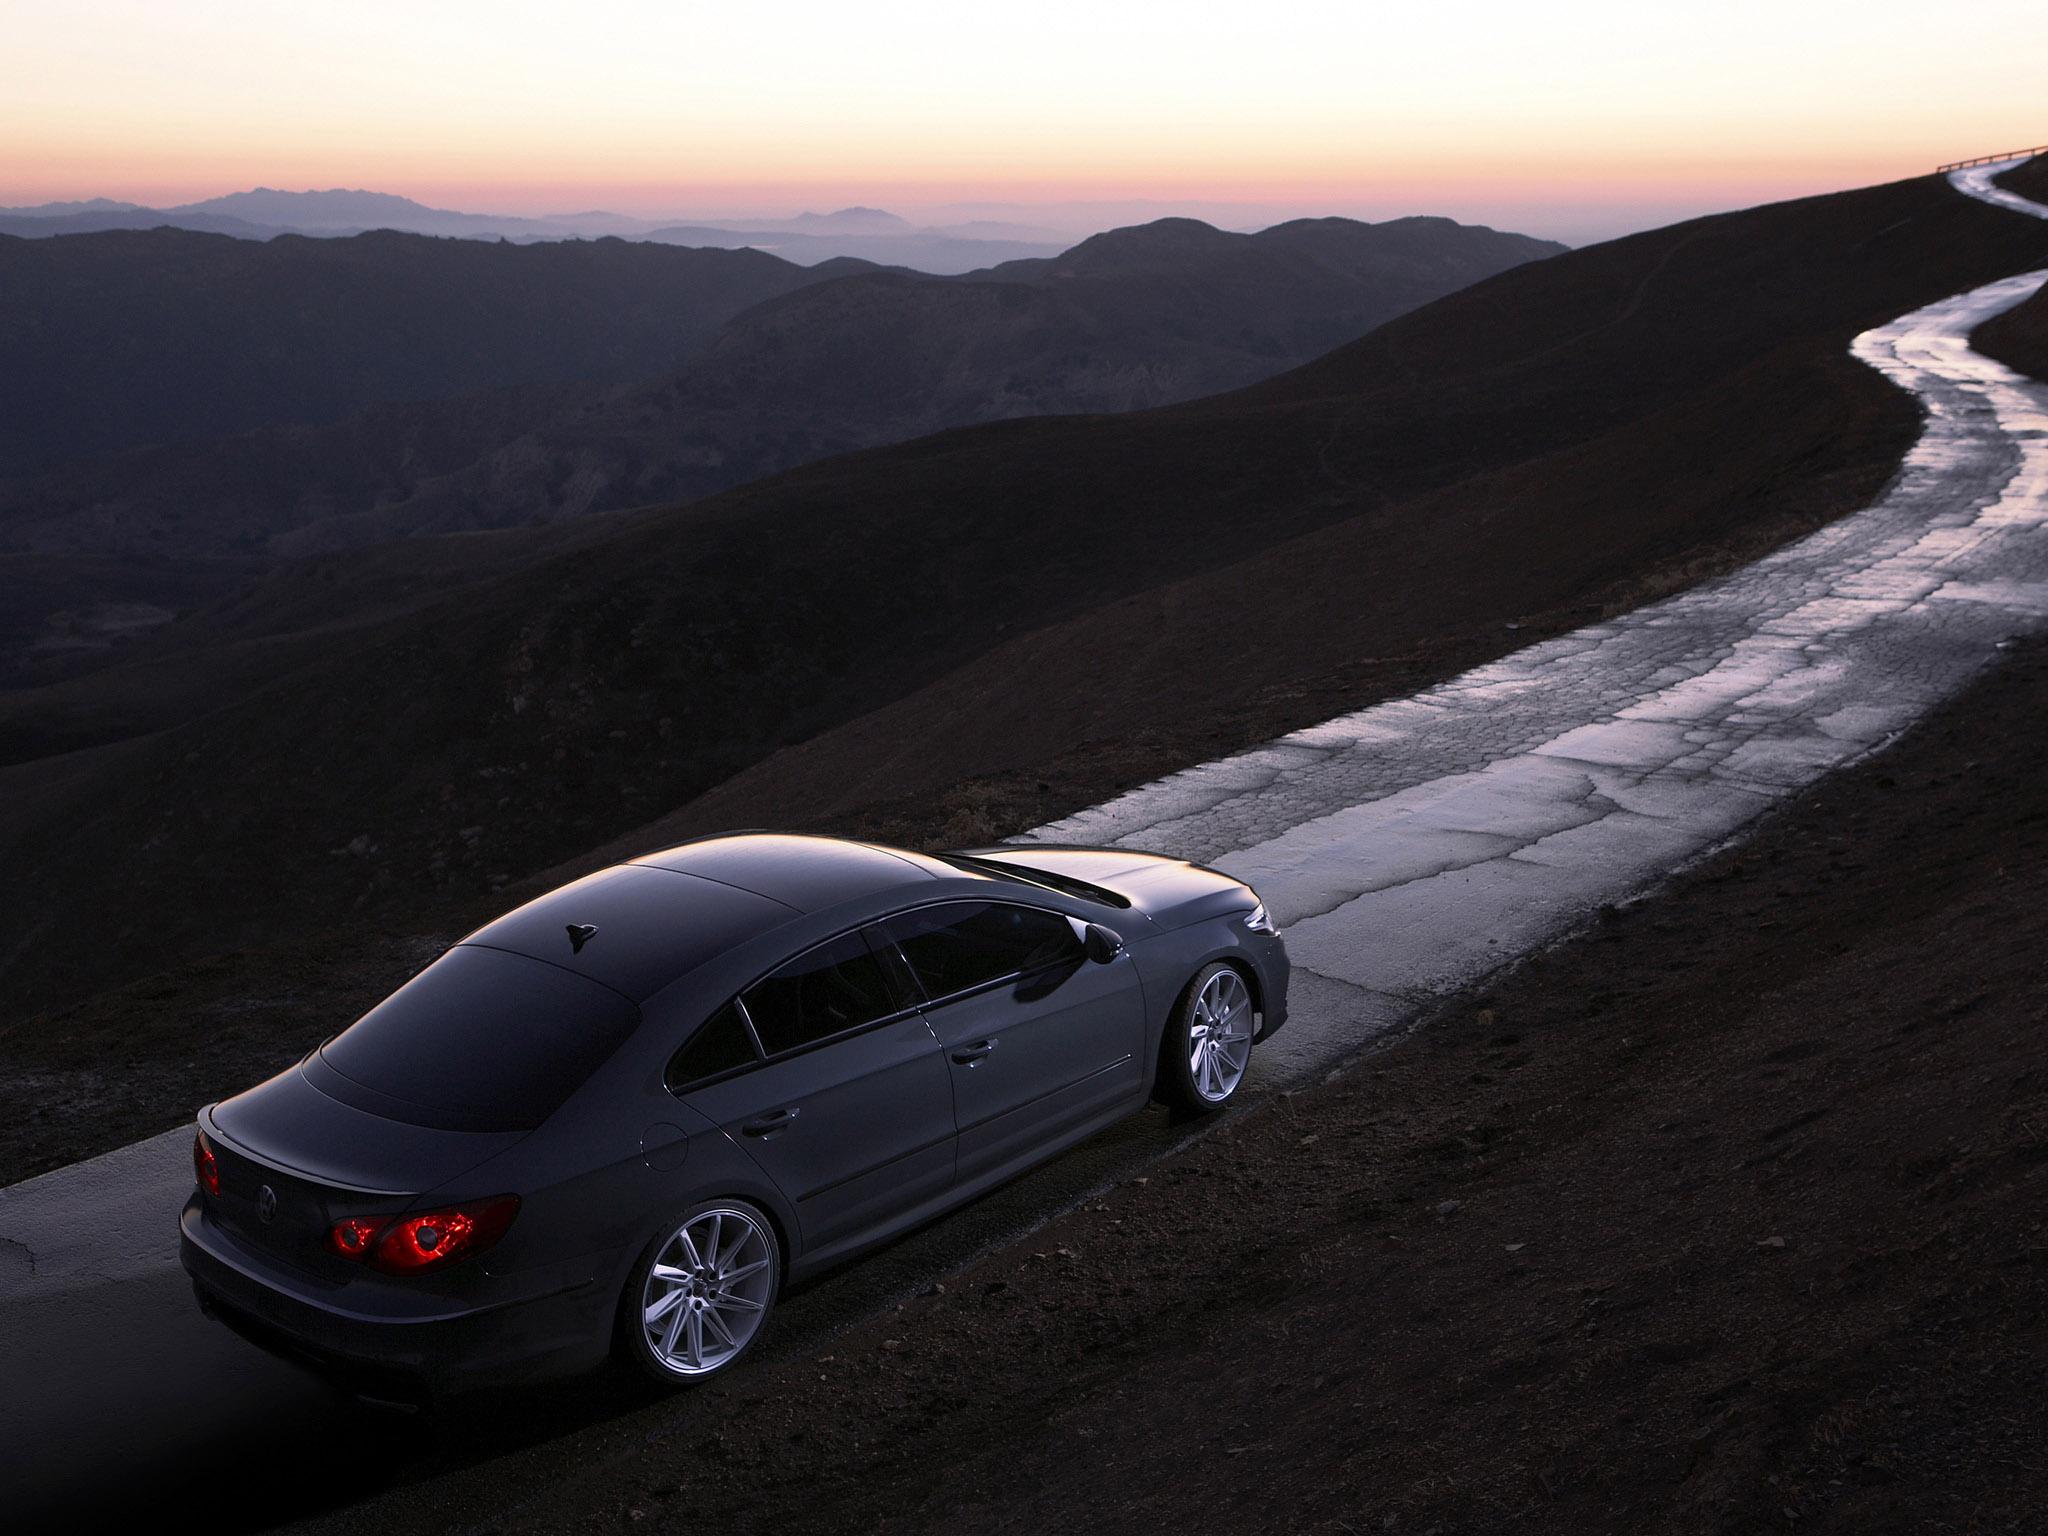 http://carinpicture.com/wp-content/uploads/2012/02/Volkswagen-Passat-CC-Eco-Performance-Concept-2008-Photo-01.jpg